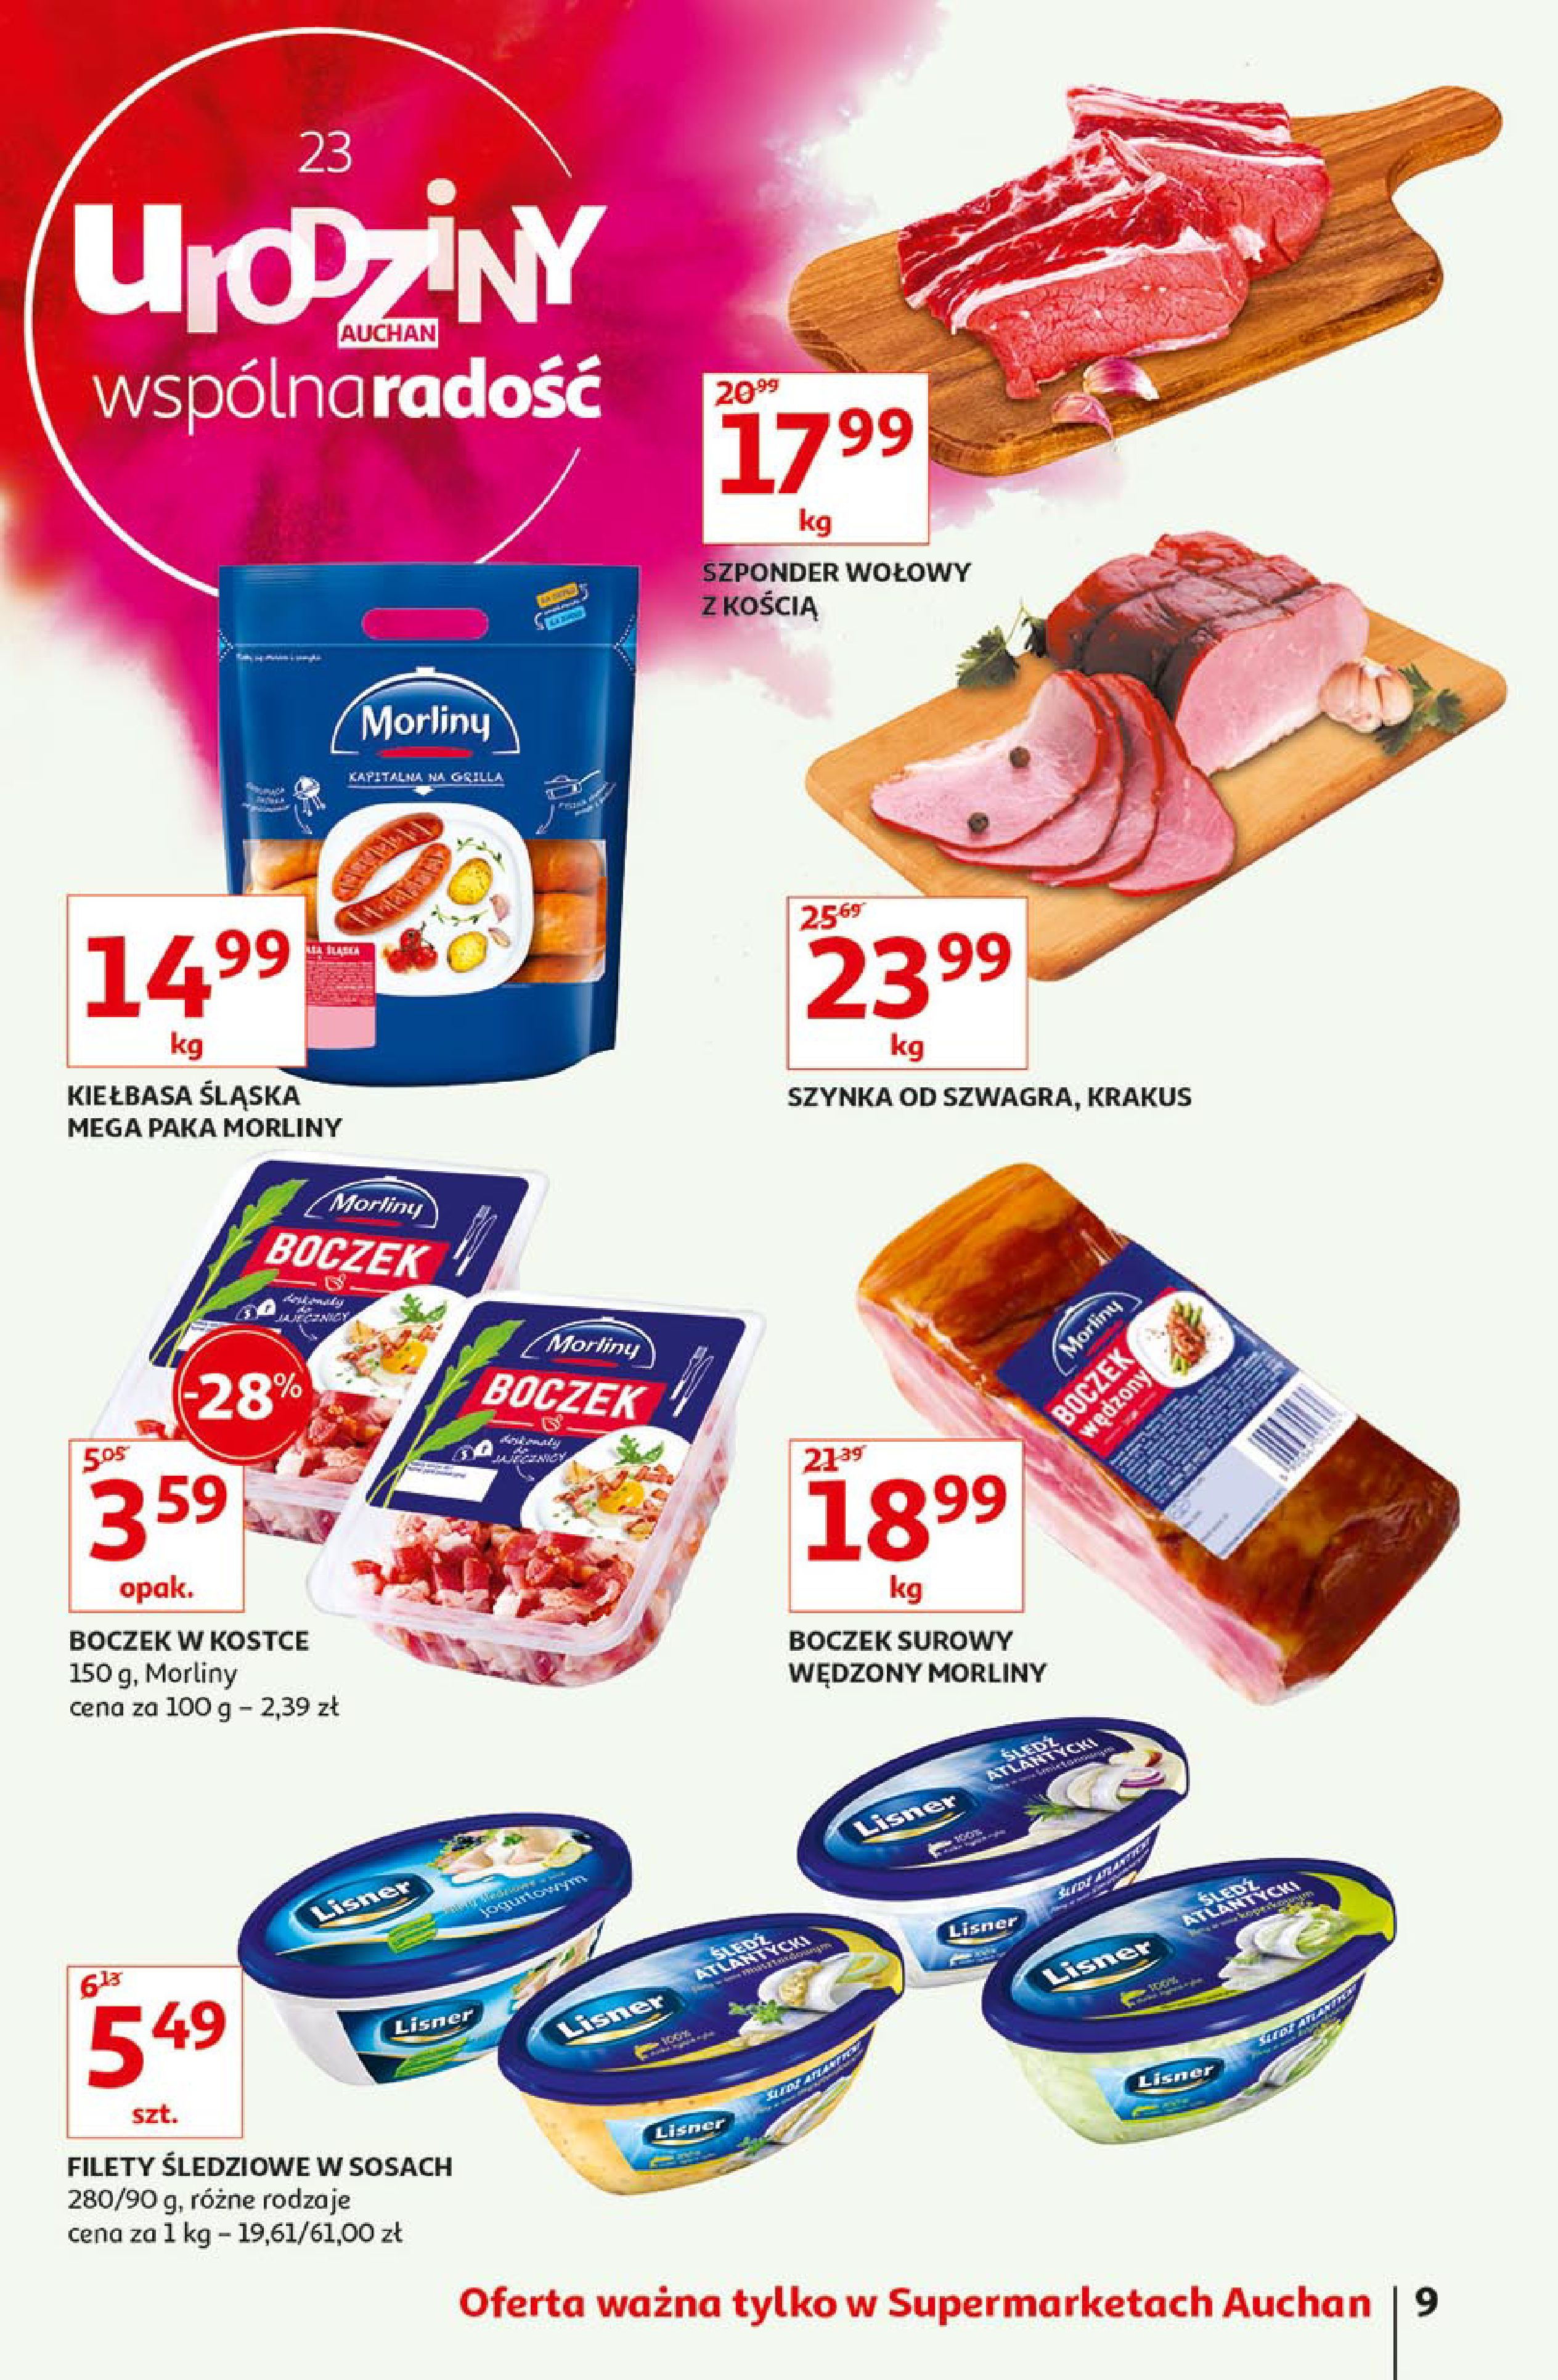 Gazetka Auchan - Urodziny Auchan cz. III - Auchan Supermarket-15.05.2019-23.05.2019-page-